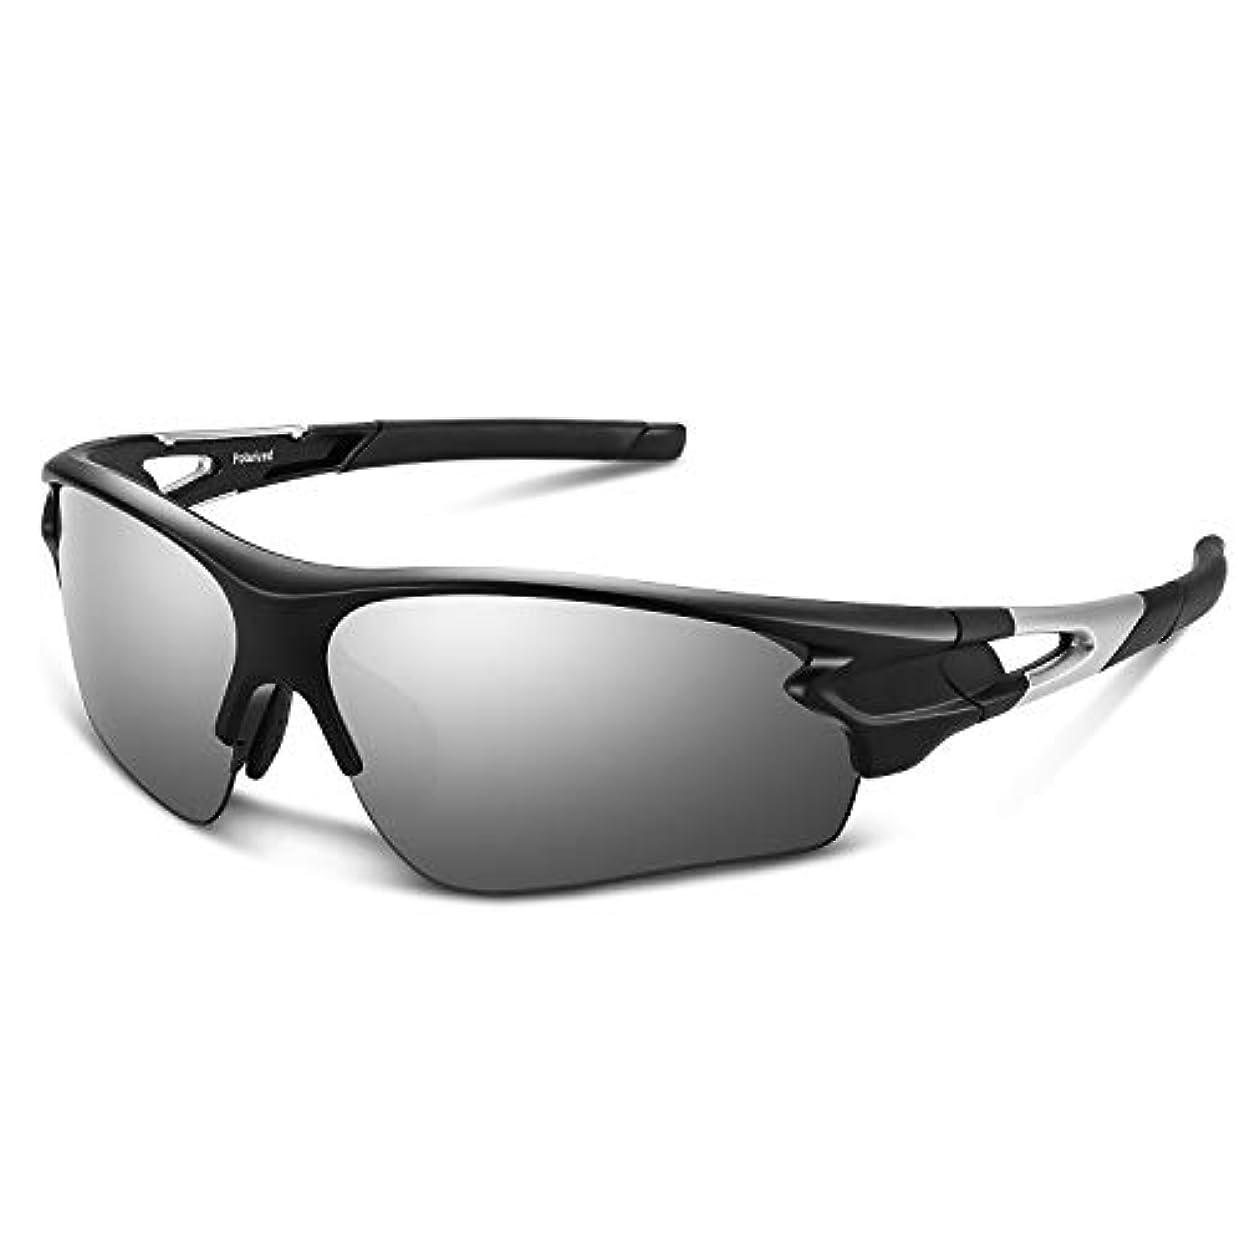 願望ほかにクライストチャーチスポーツサングラス 偏光レンズ 自転車 登山 釣り 野球 ゴルフ ランニング ドライブ バイク テニス スキー 超軽量 UV400 TAC TR90 紫外線防止 メンズ レディース ユニセックス サングラス 安全 清晰